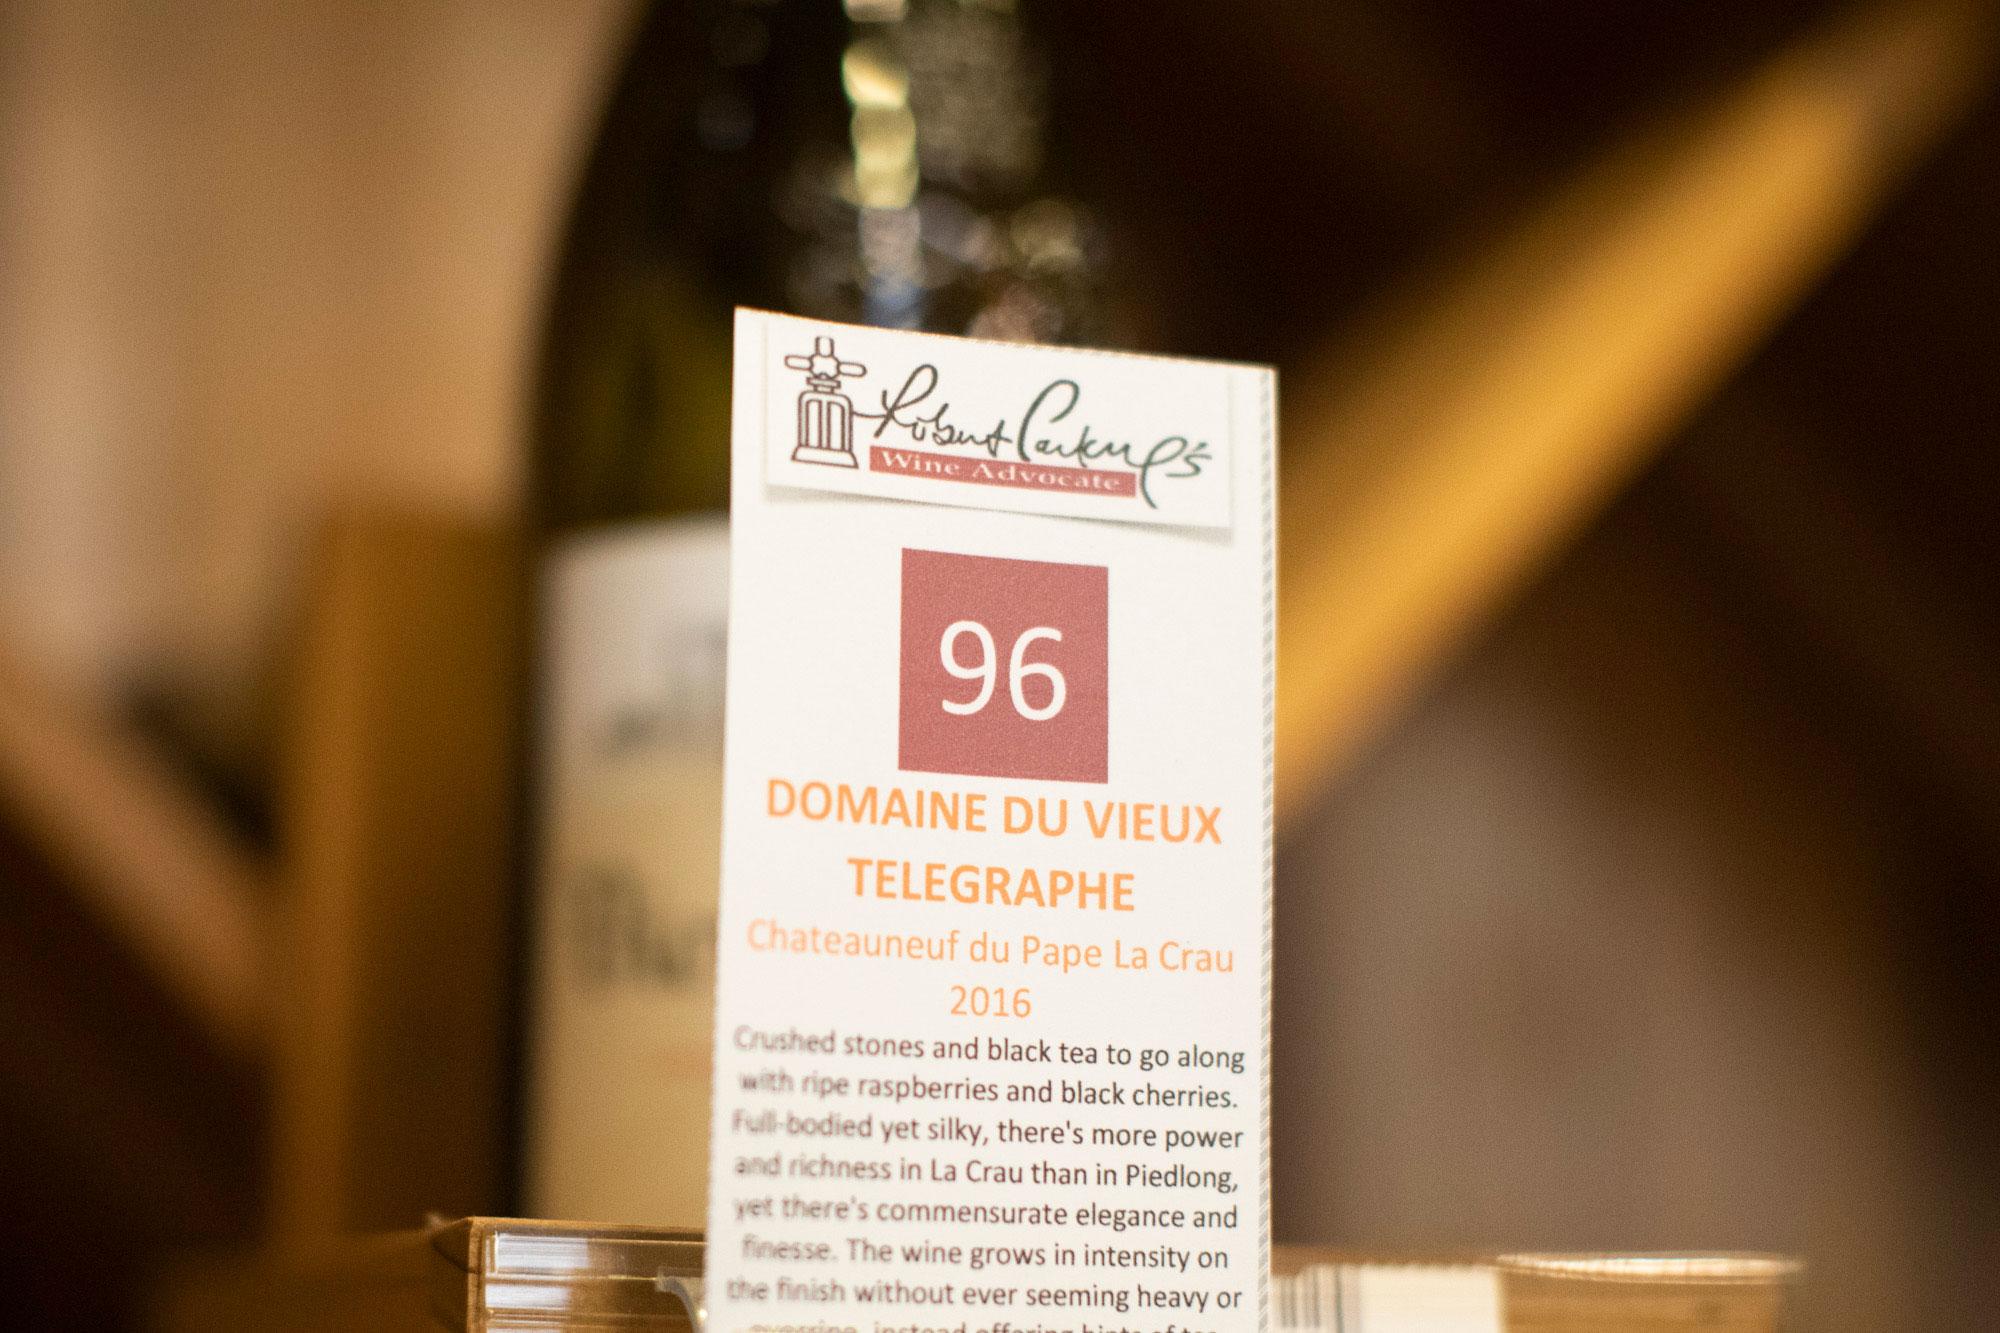 close up of the shelf talker wine information label